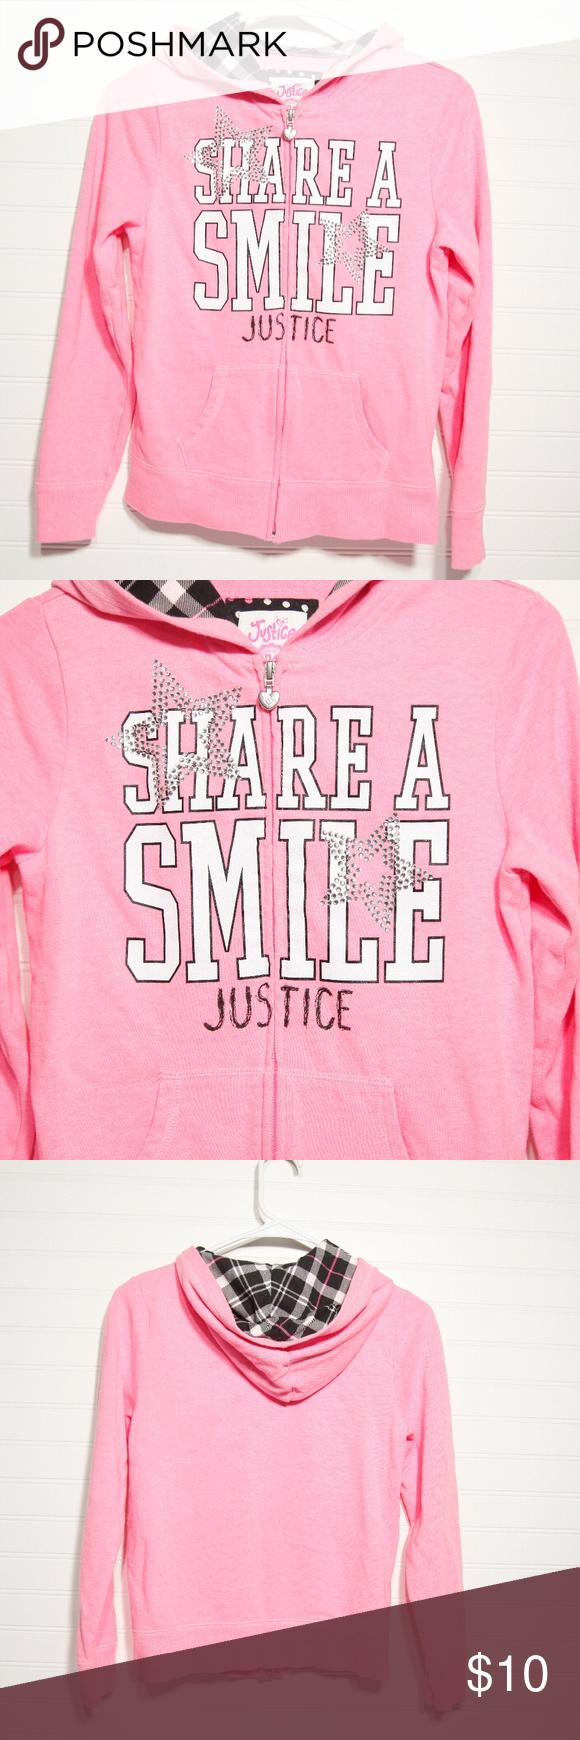 Justice Girl S Zip Up Hoodie Hoodies Clothes Design Zip Ups